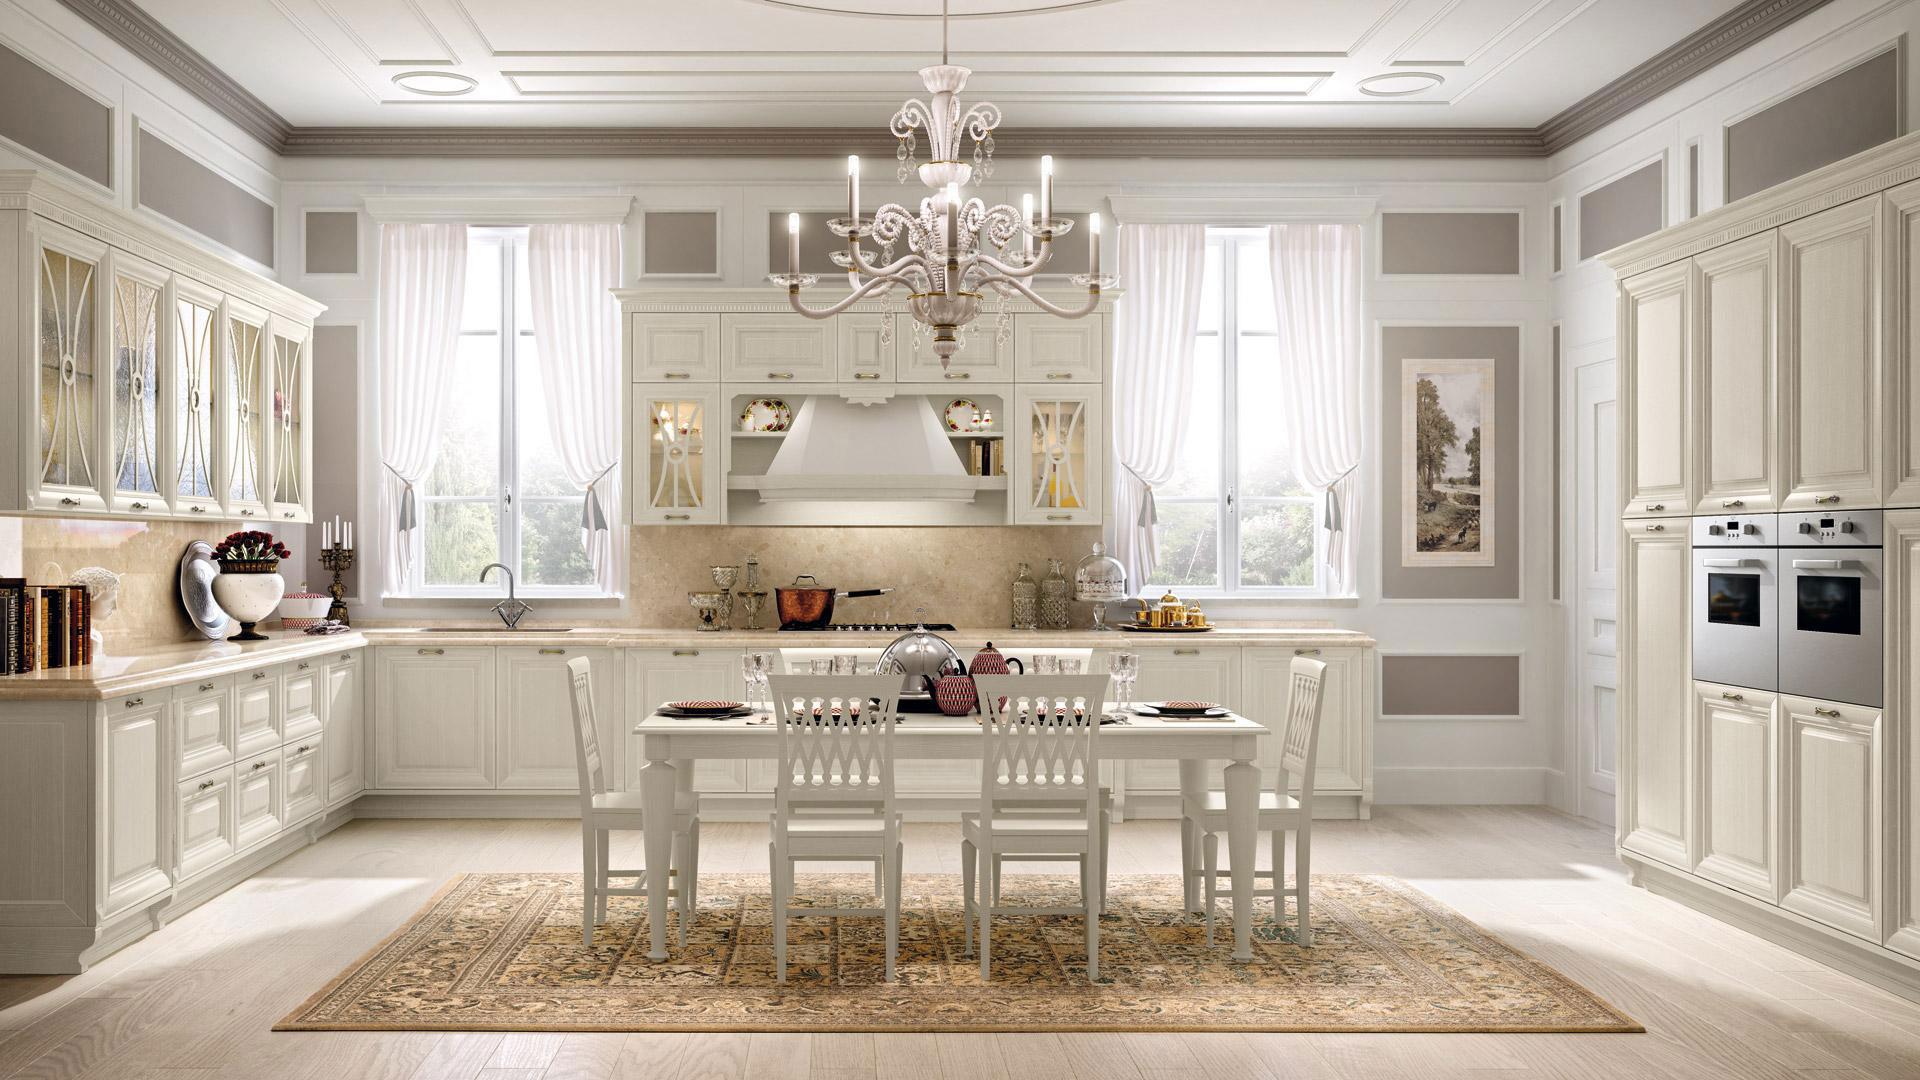 Foto Cucine Lube Moderne : Cucine classiche lube modello pantheon perego